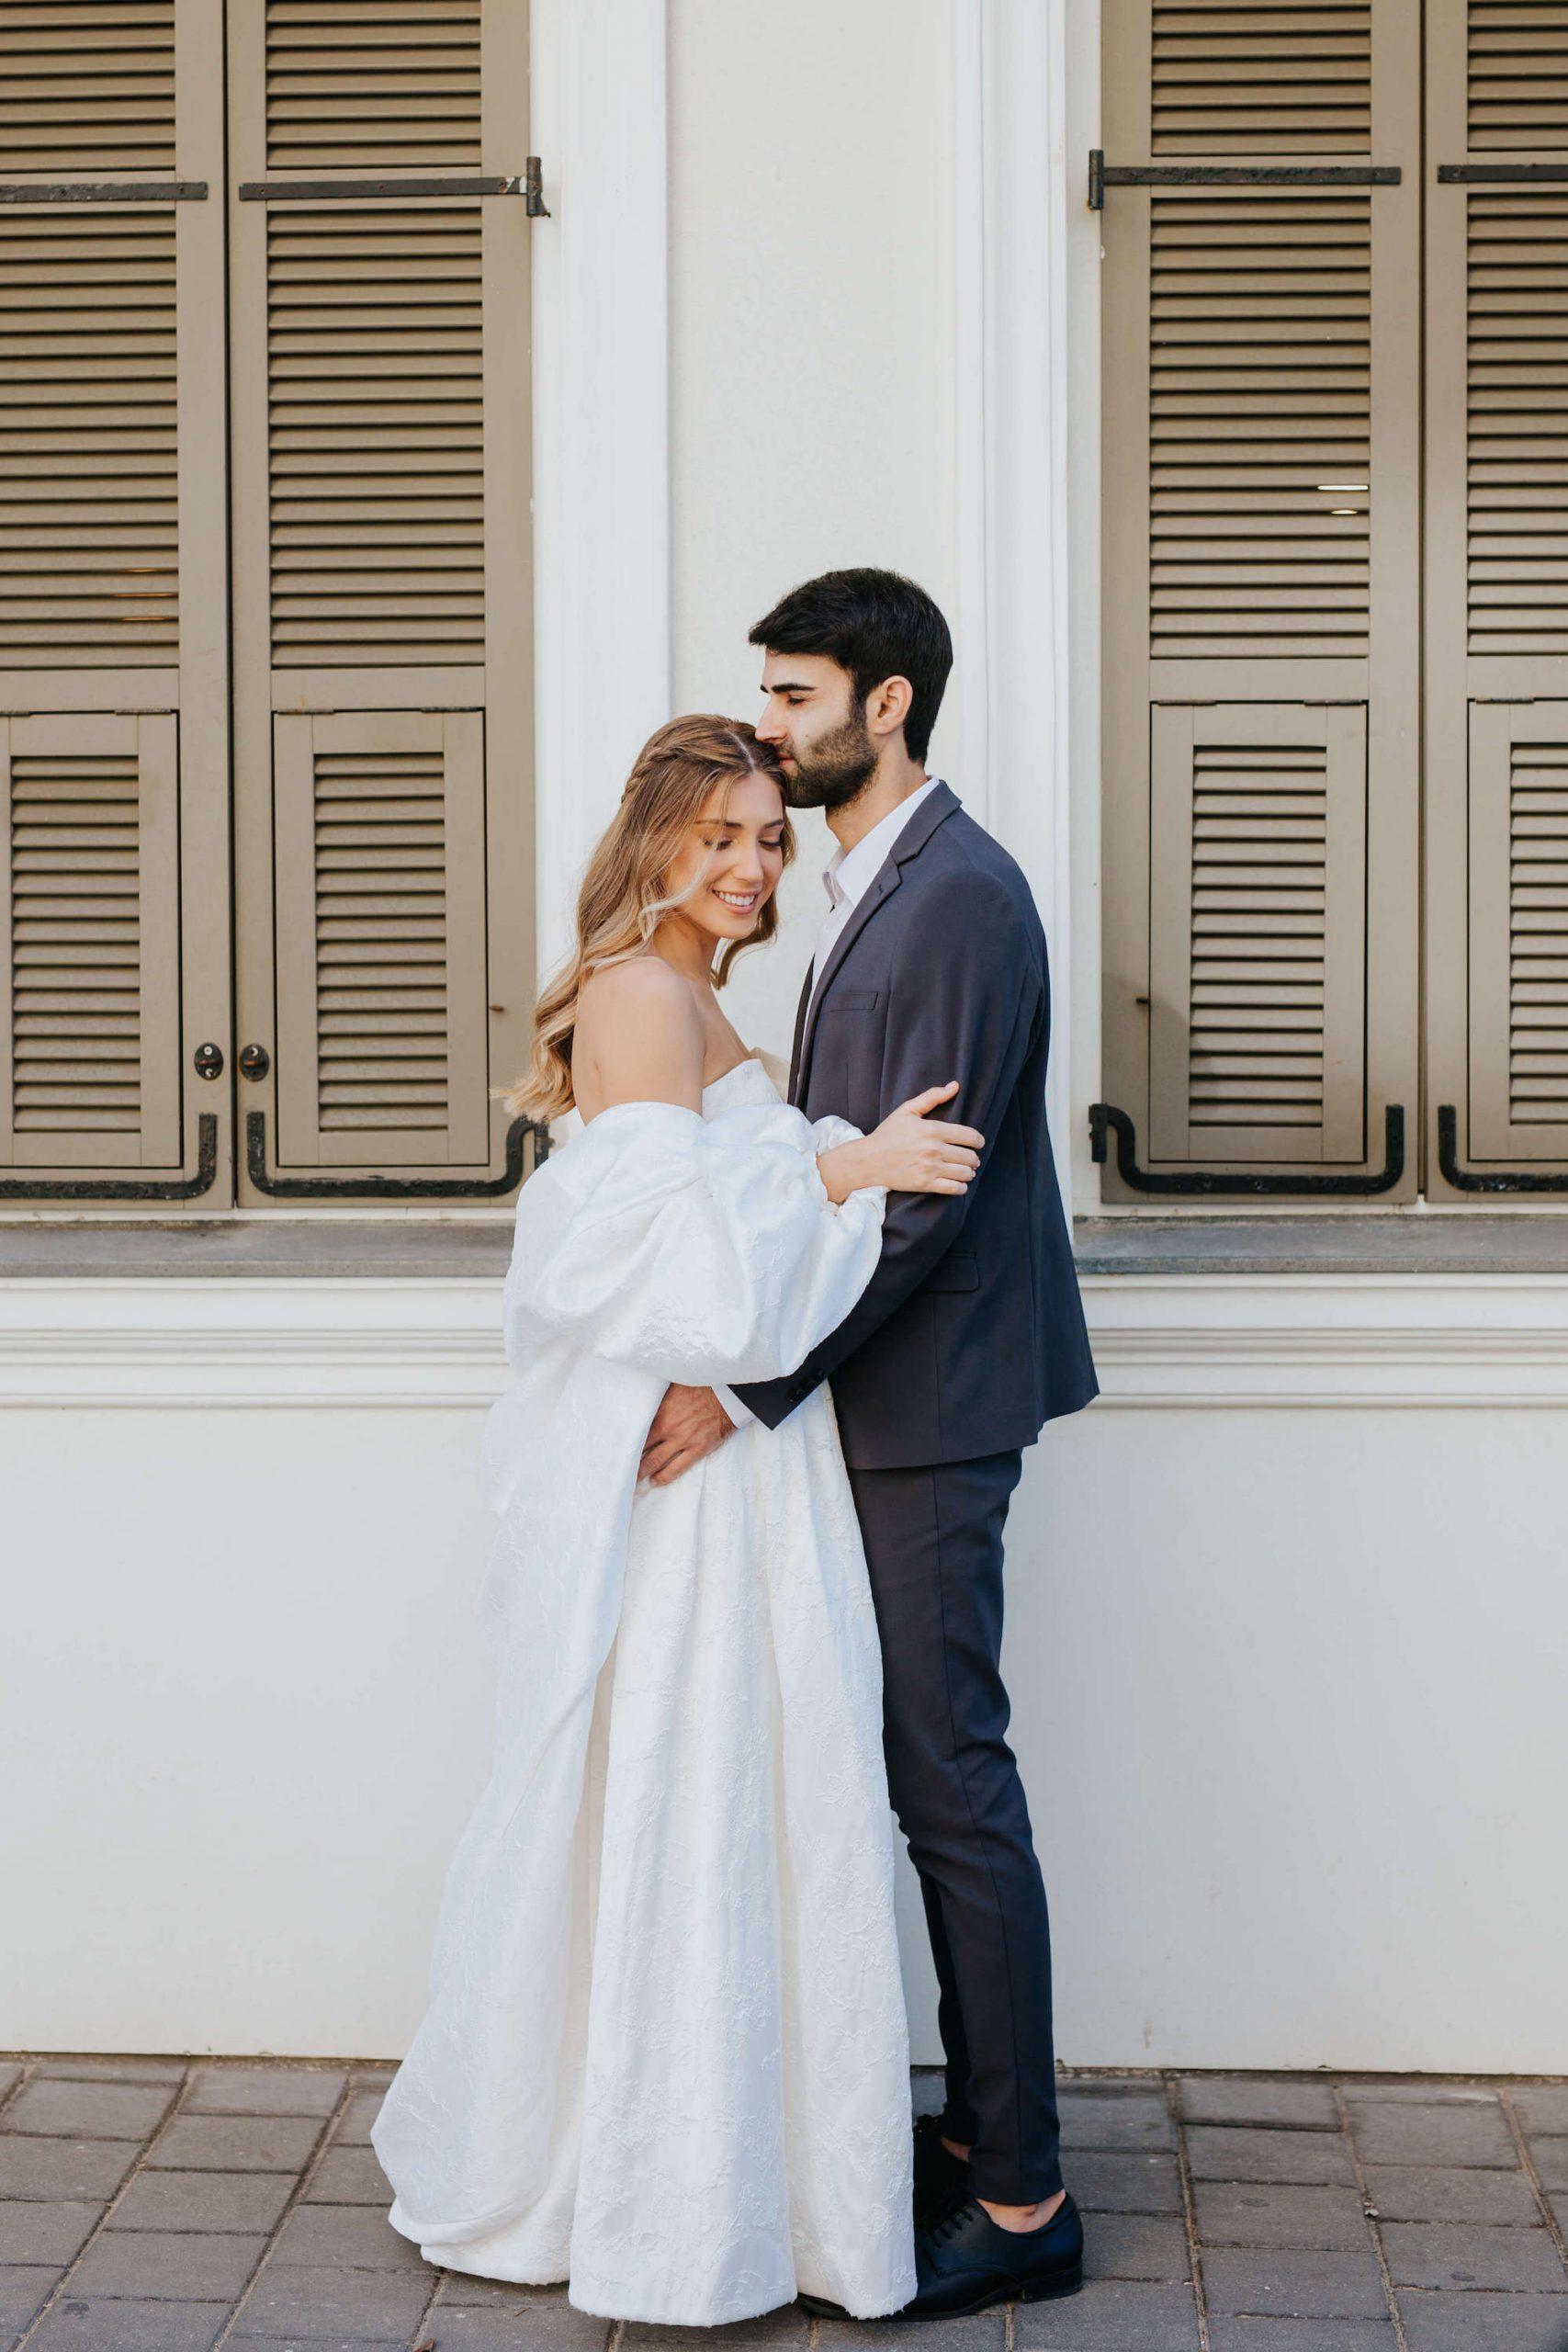 סופר סטייל: חתונת שטח אינטימית בפרדס